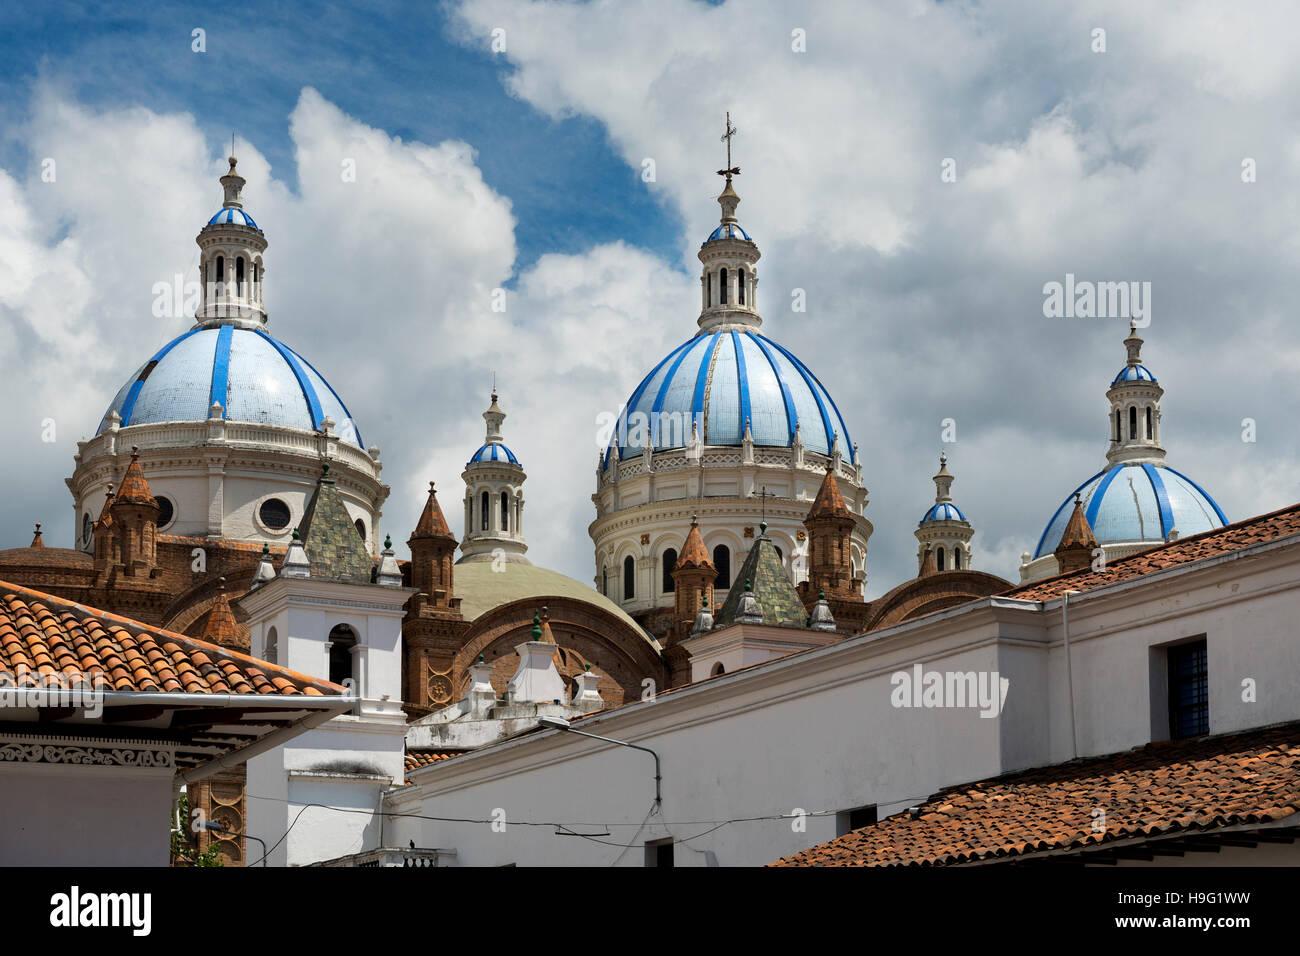 Detalle de las cúpulas azules de la Catedral de Cuenca, Ecuador, Sudamérica Foto de stock